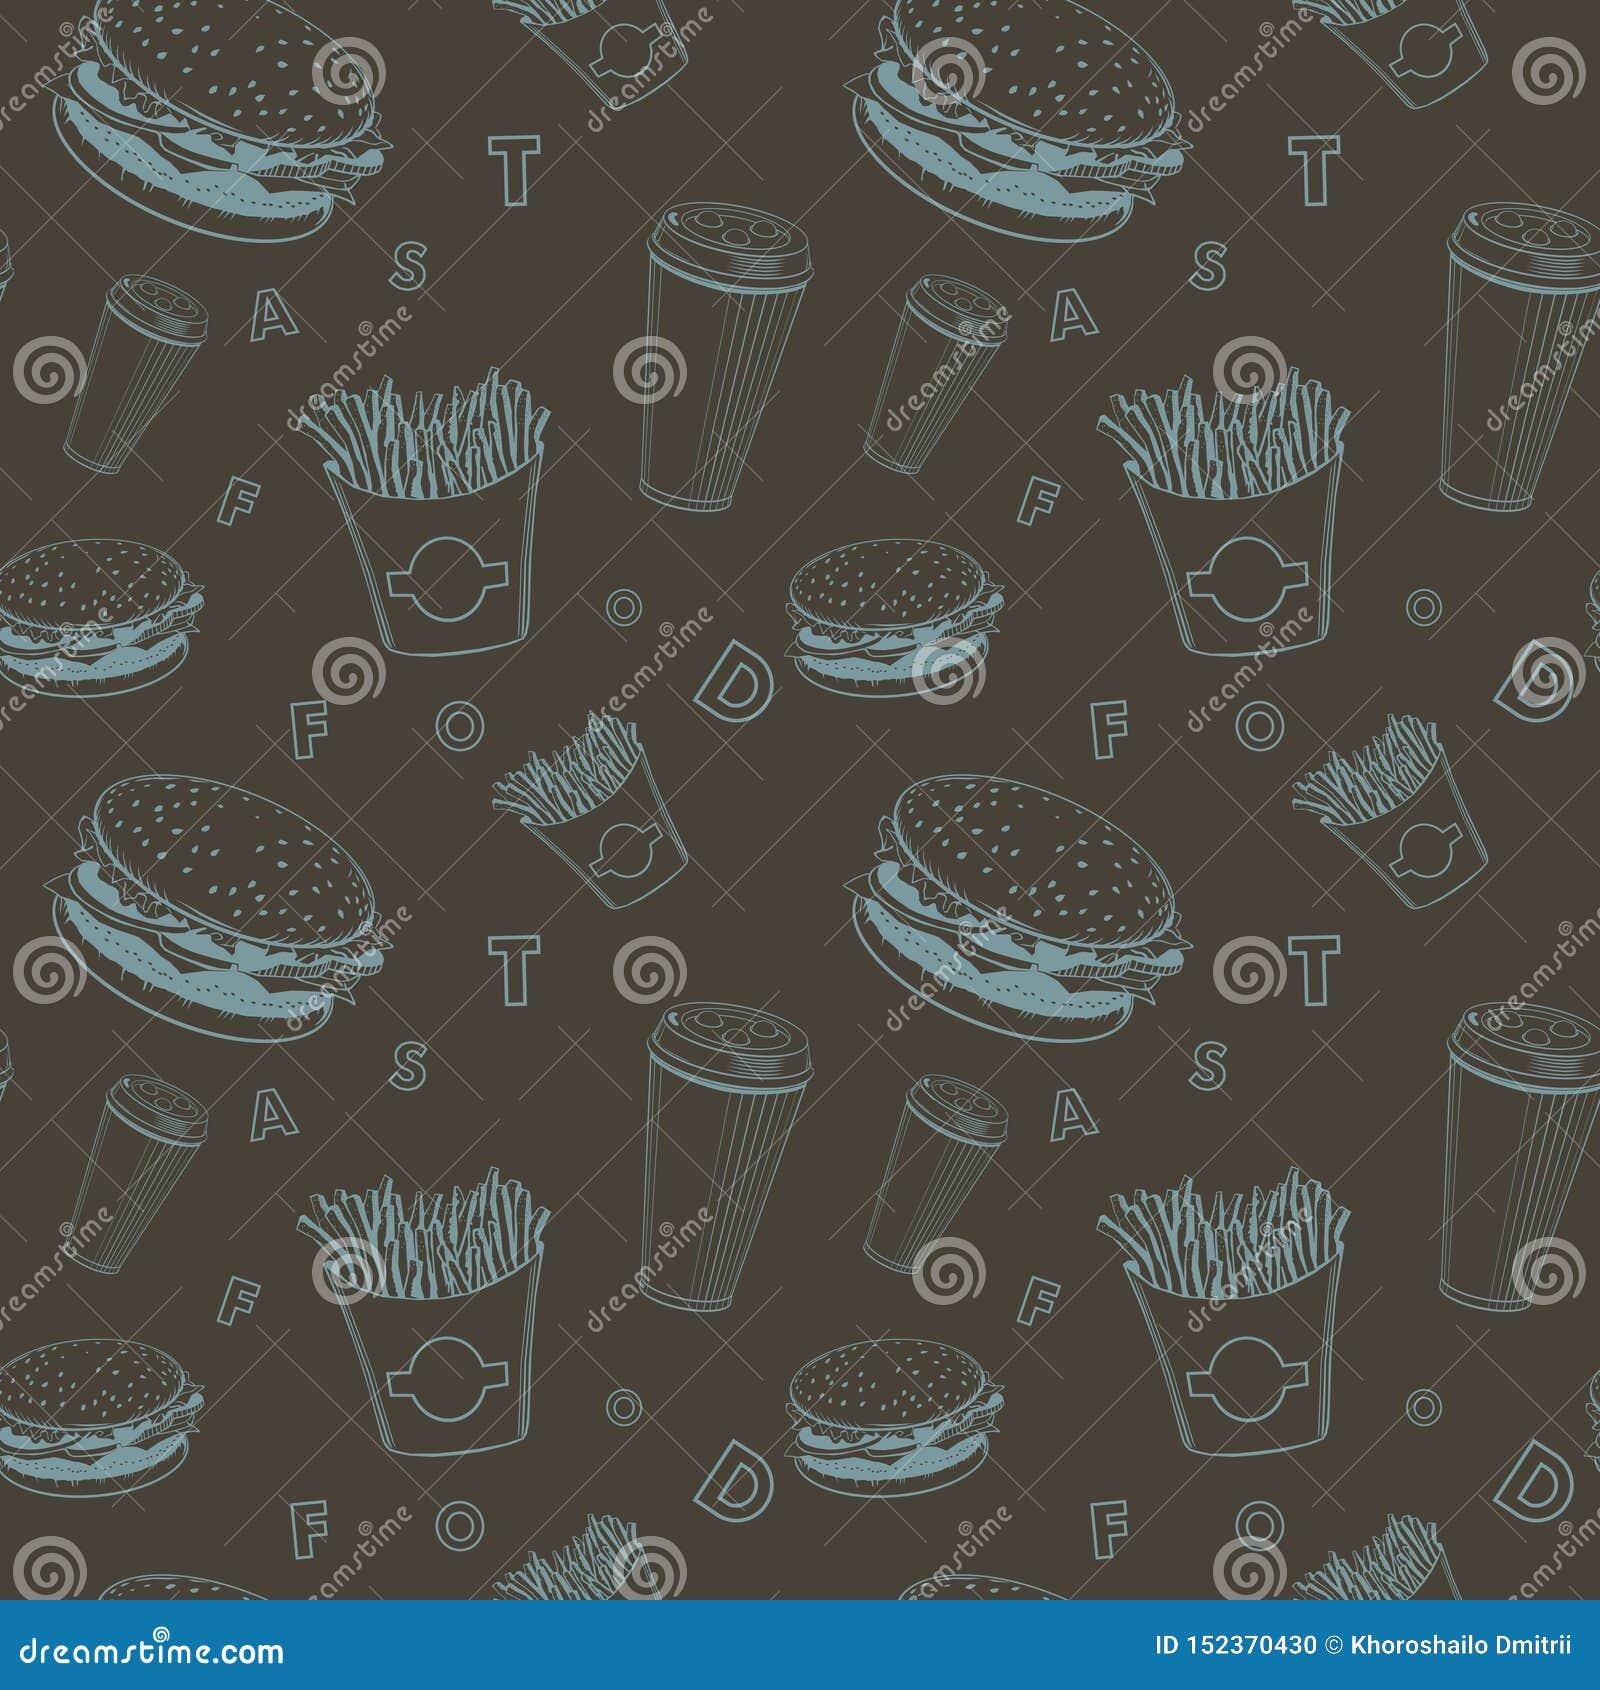 Cafe food vector set black and blue fast-food monogram pattern